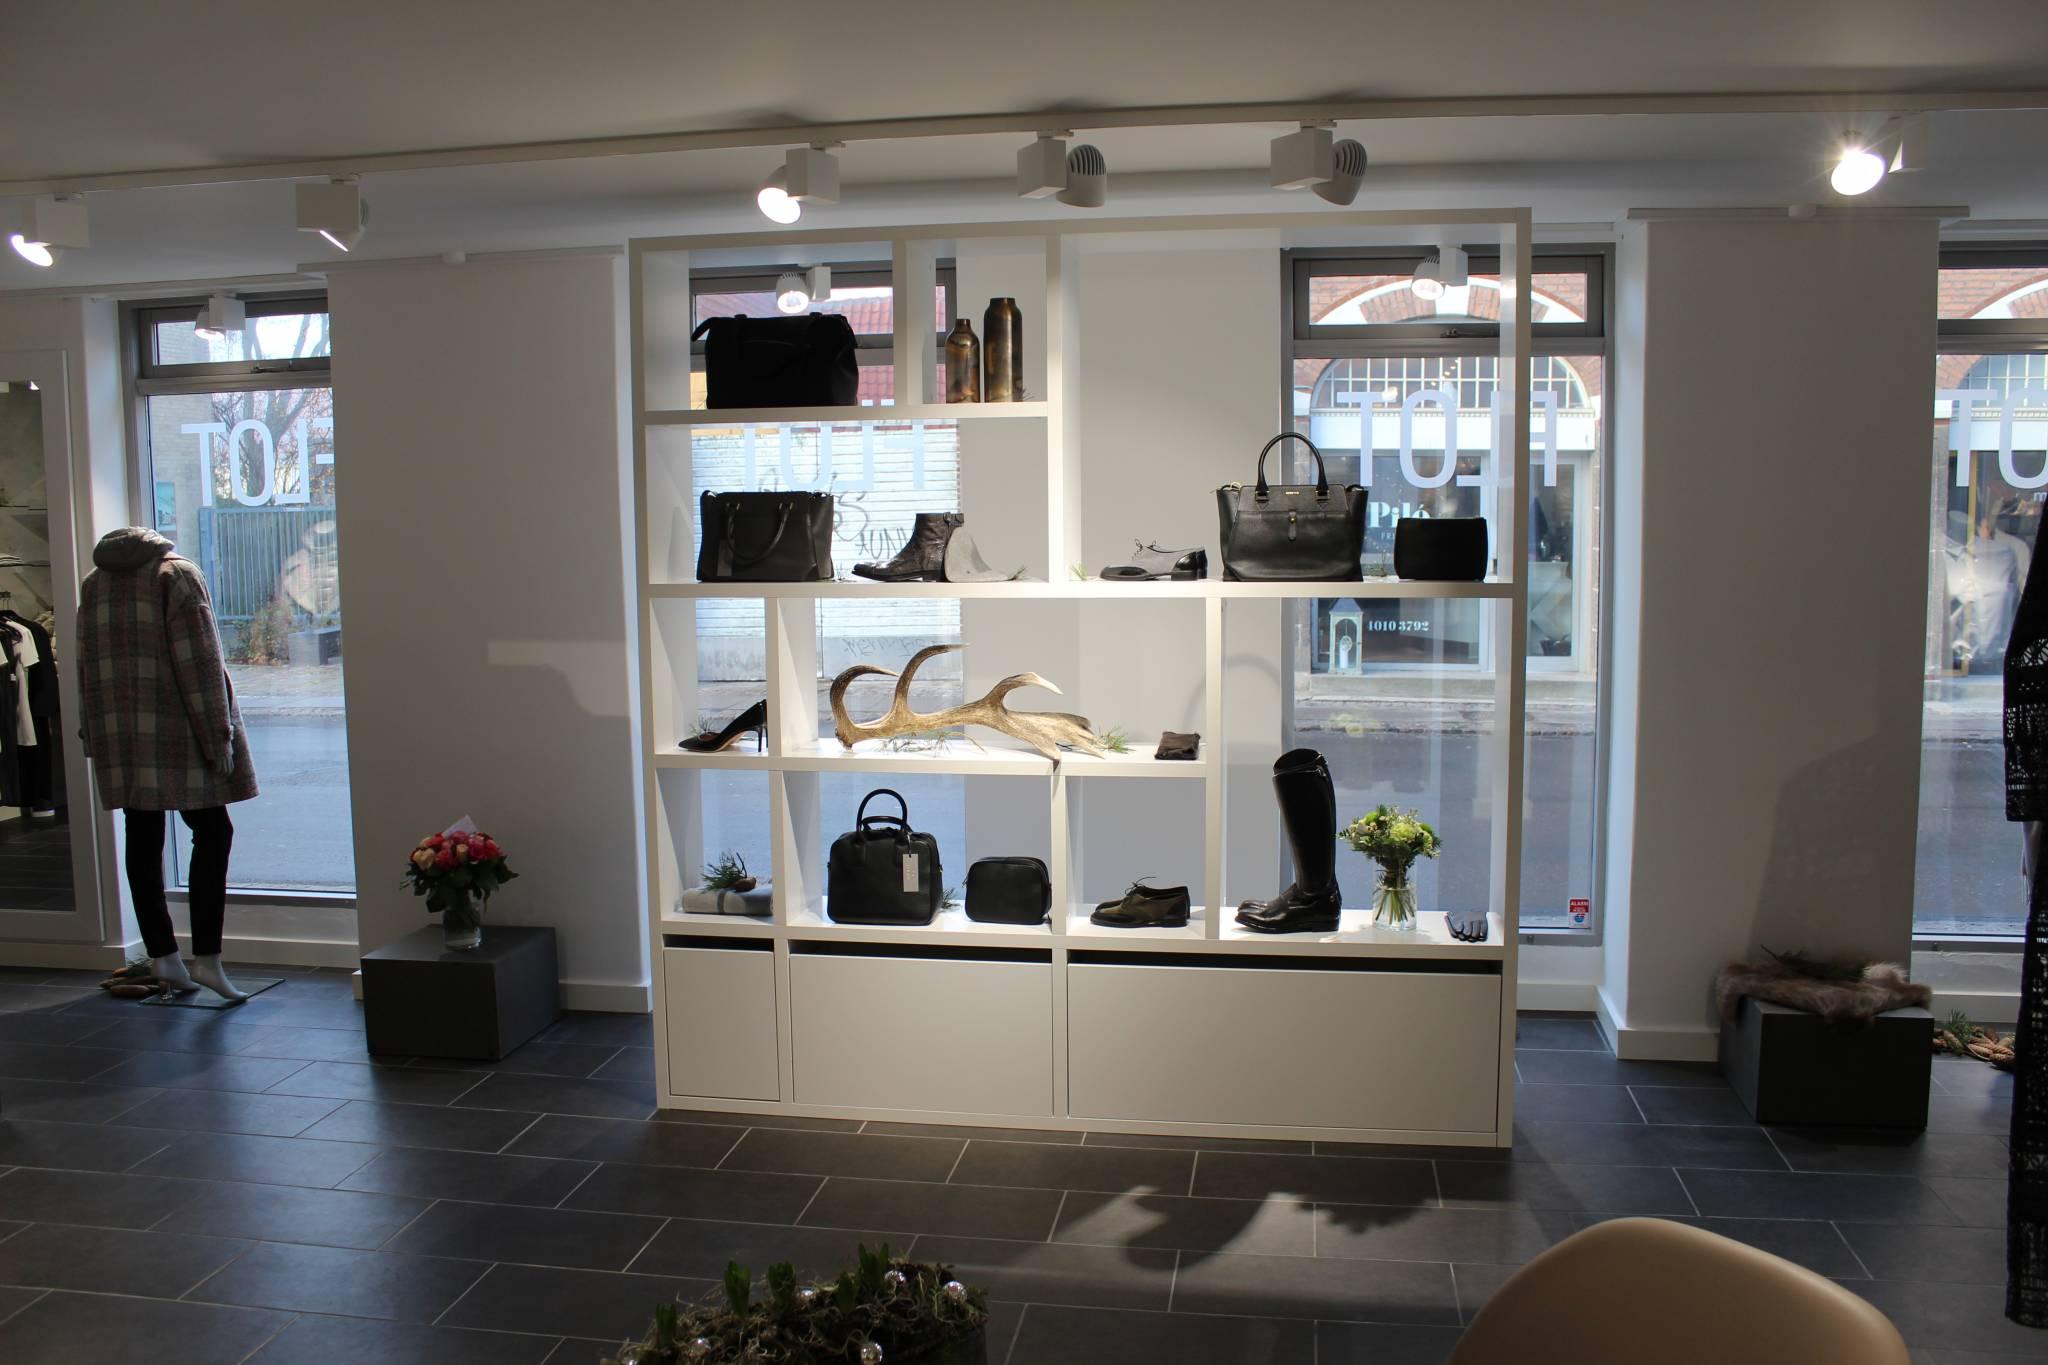 Den flotte reol er speciel lavet til butikken og er en af butikkens vigtige fokus områder. Butiksinventar. Butiksindretning